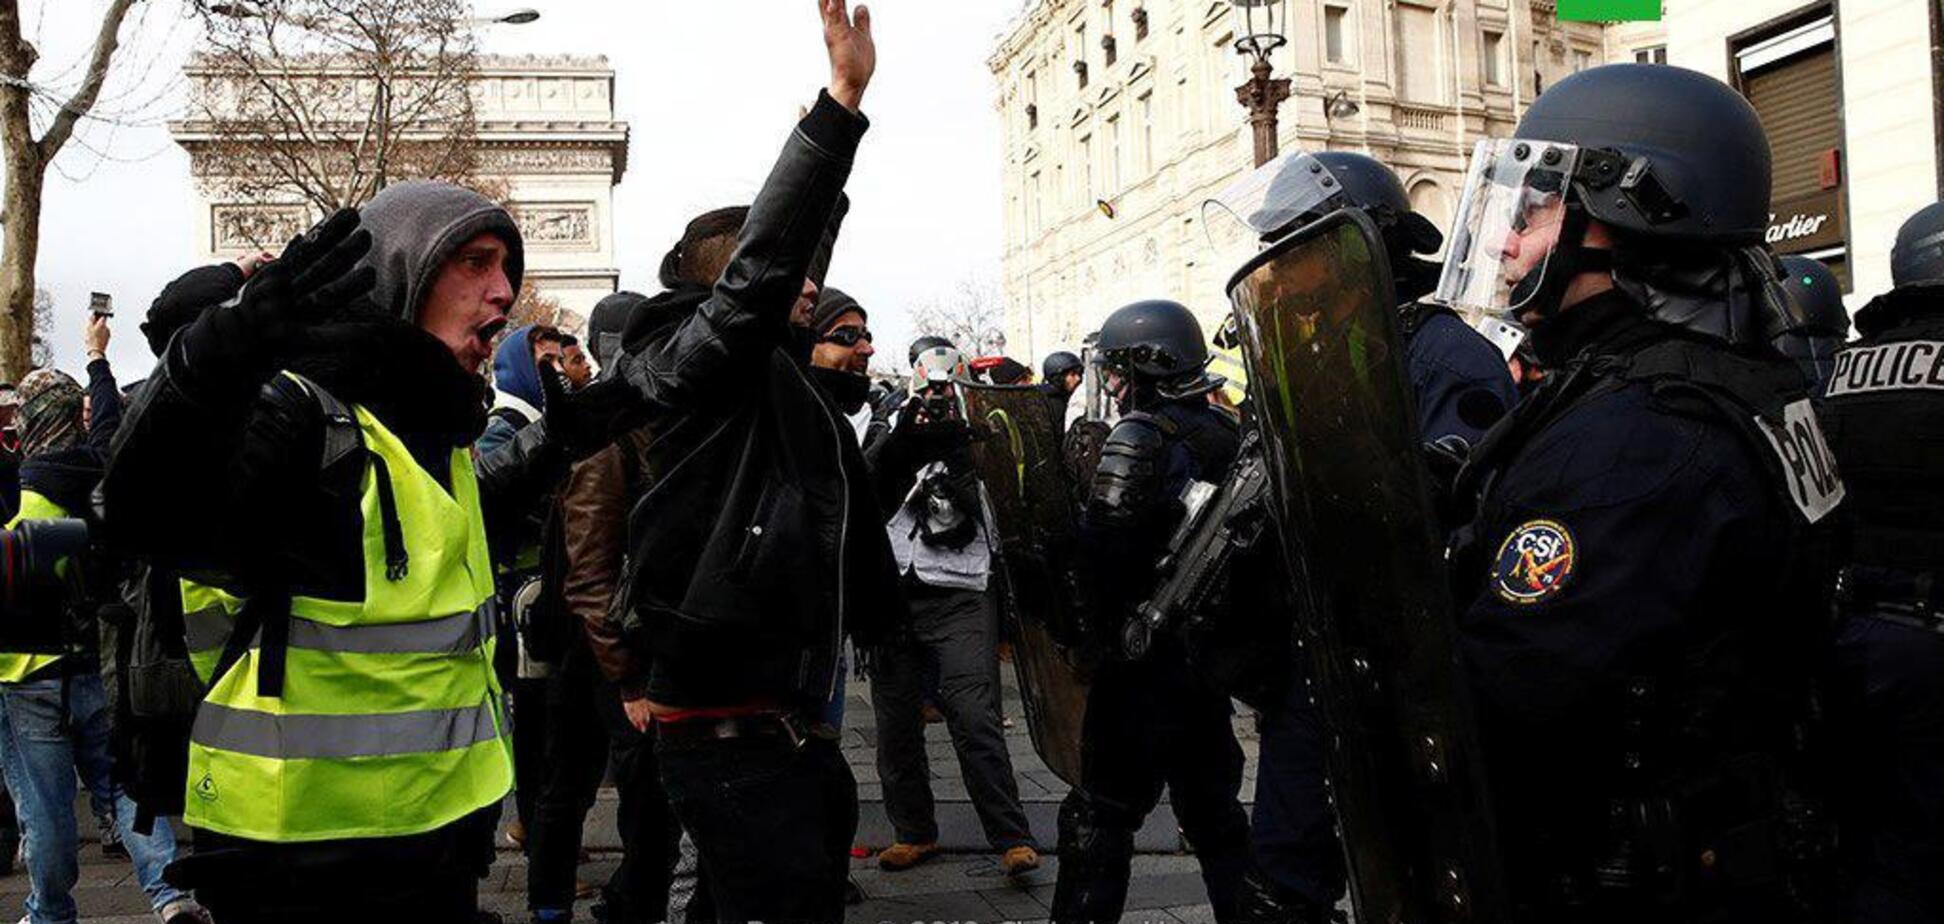 Во Франции вновь вспыхнули протесты ''желтых жилетов'': десятки задержанных